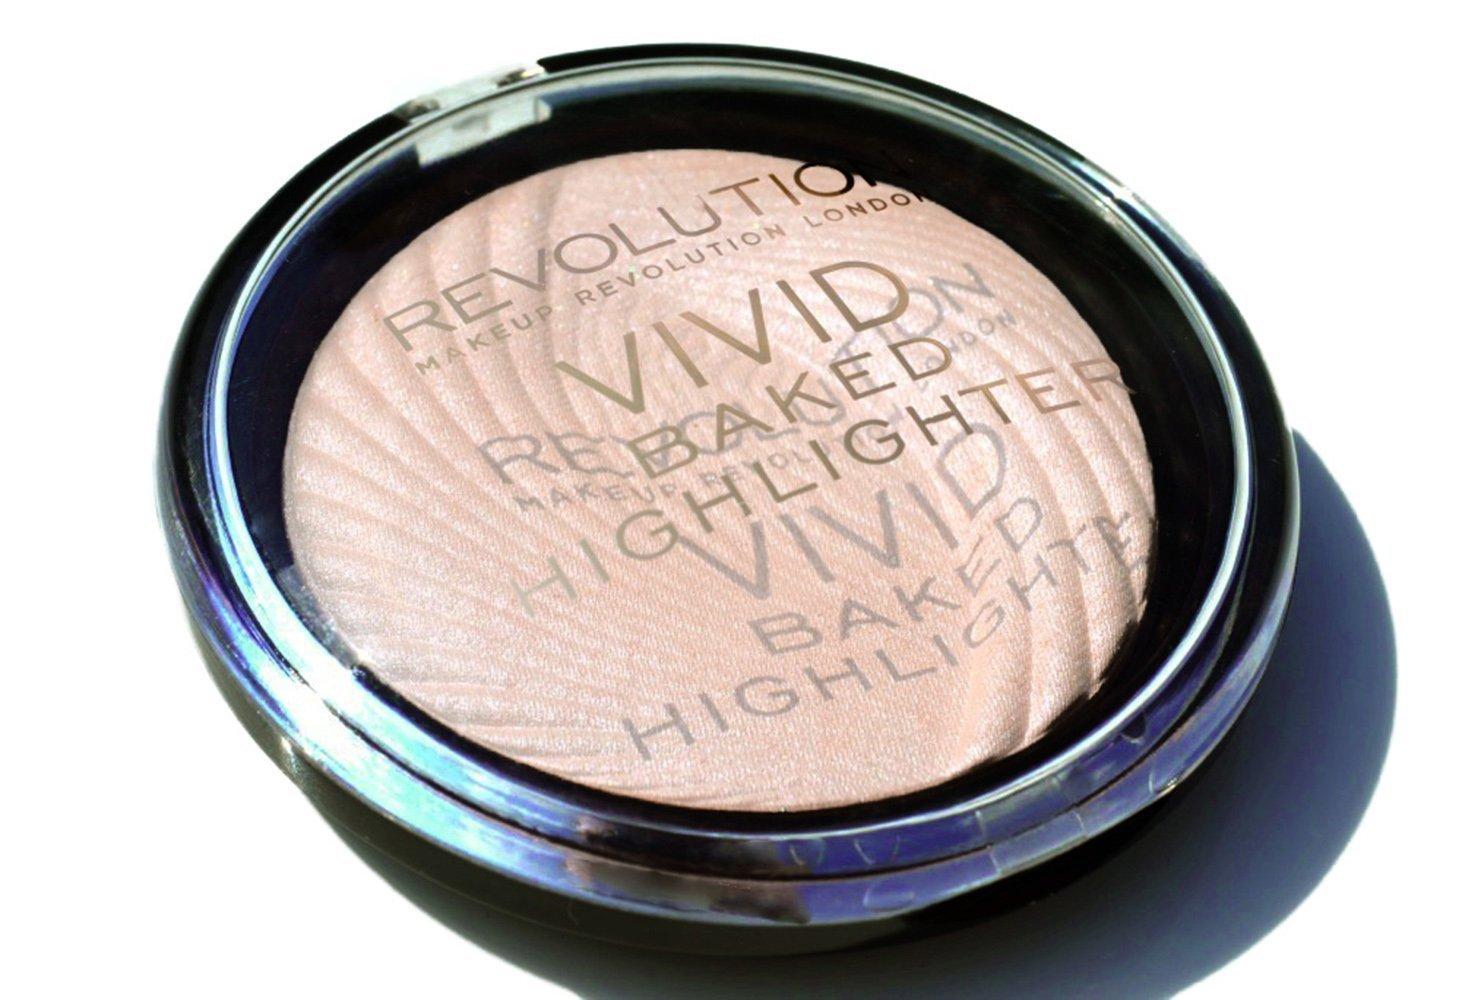 Maquillaje Revolution Vivid Baked, iluminador Peach Lights, 8g MAKEUP REVOLUTION 18694